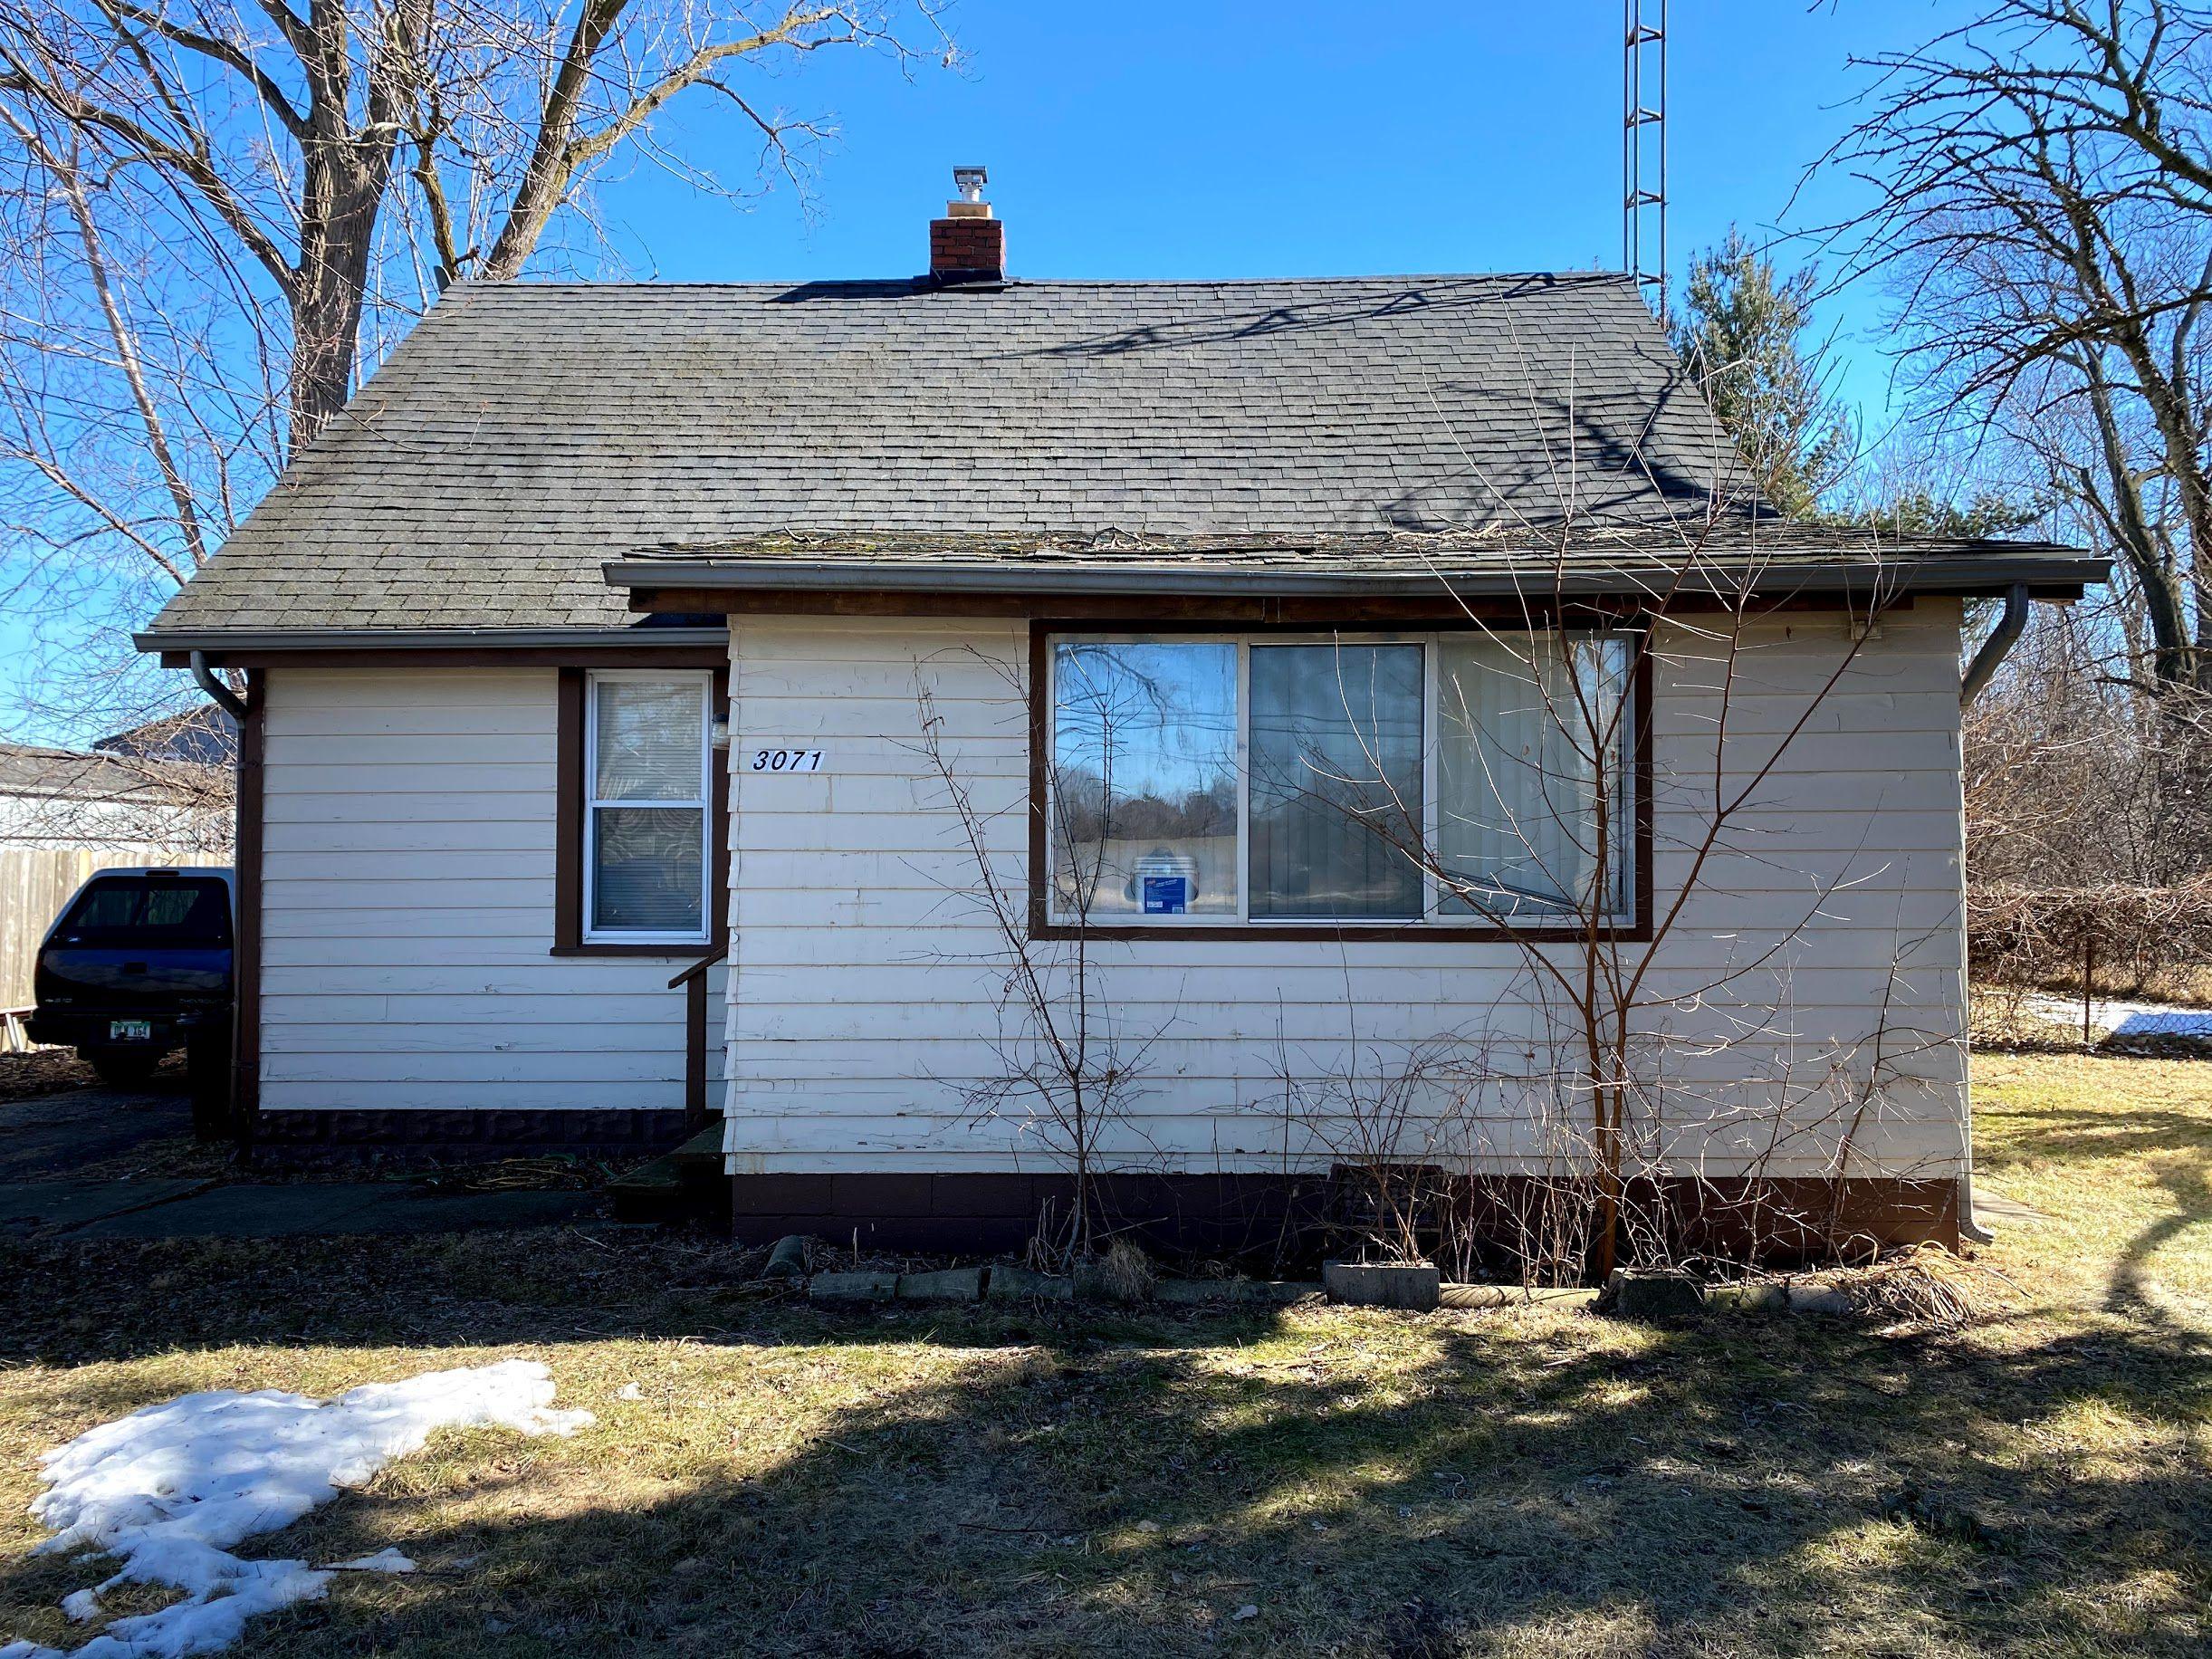 3071 Kleinpell St, Burton, MI